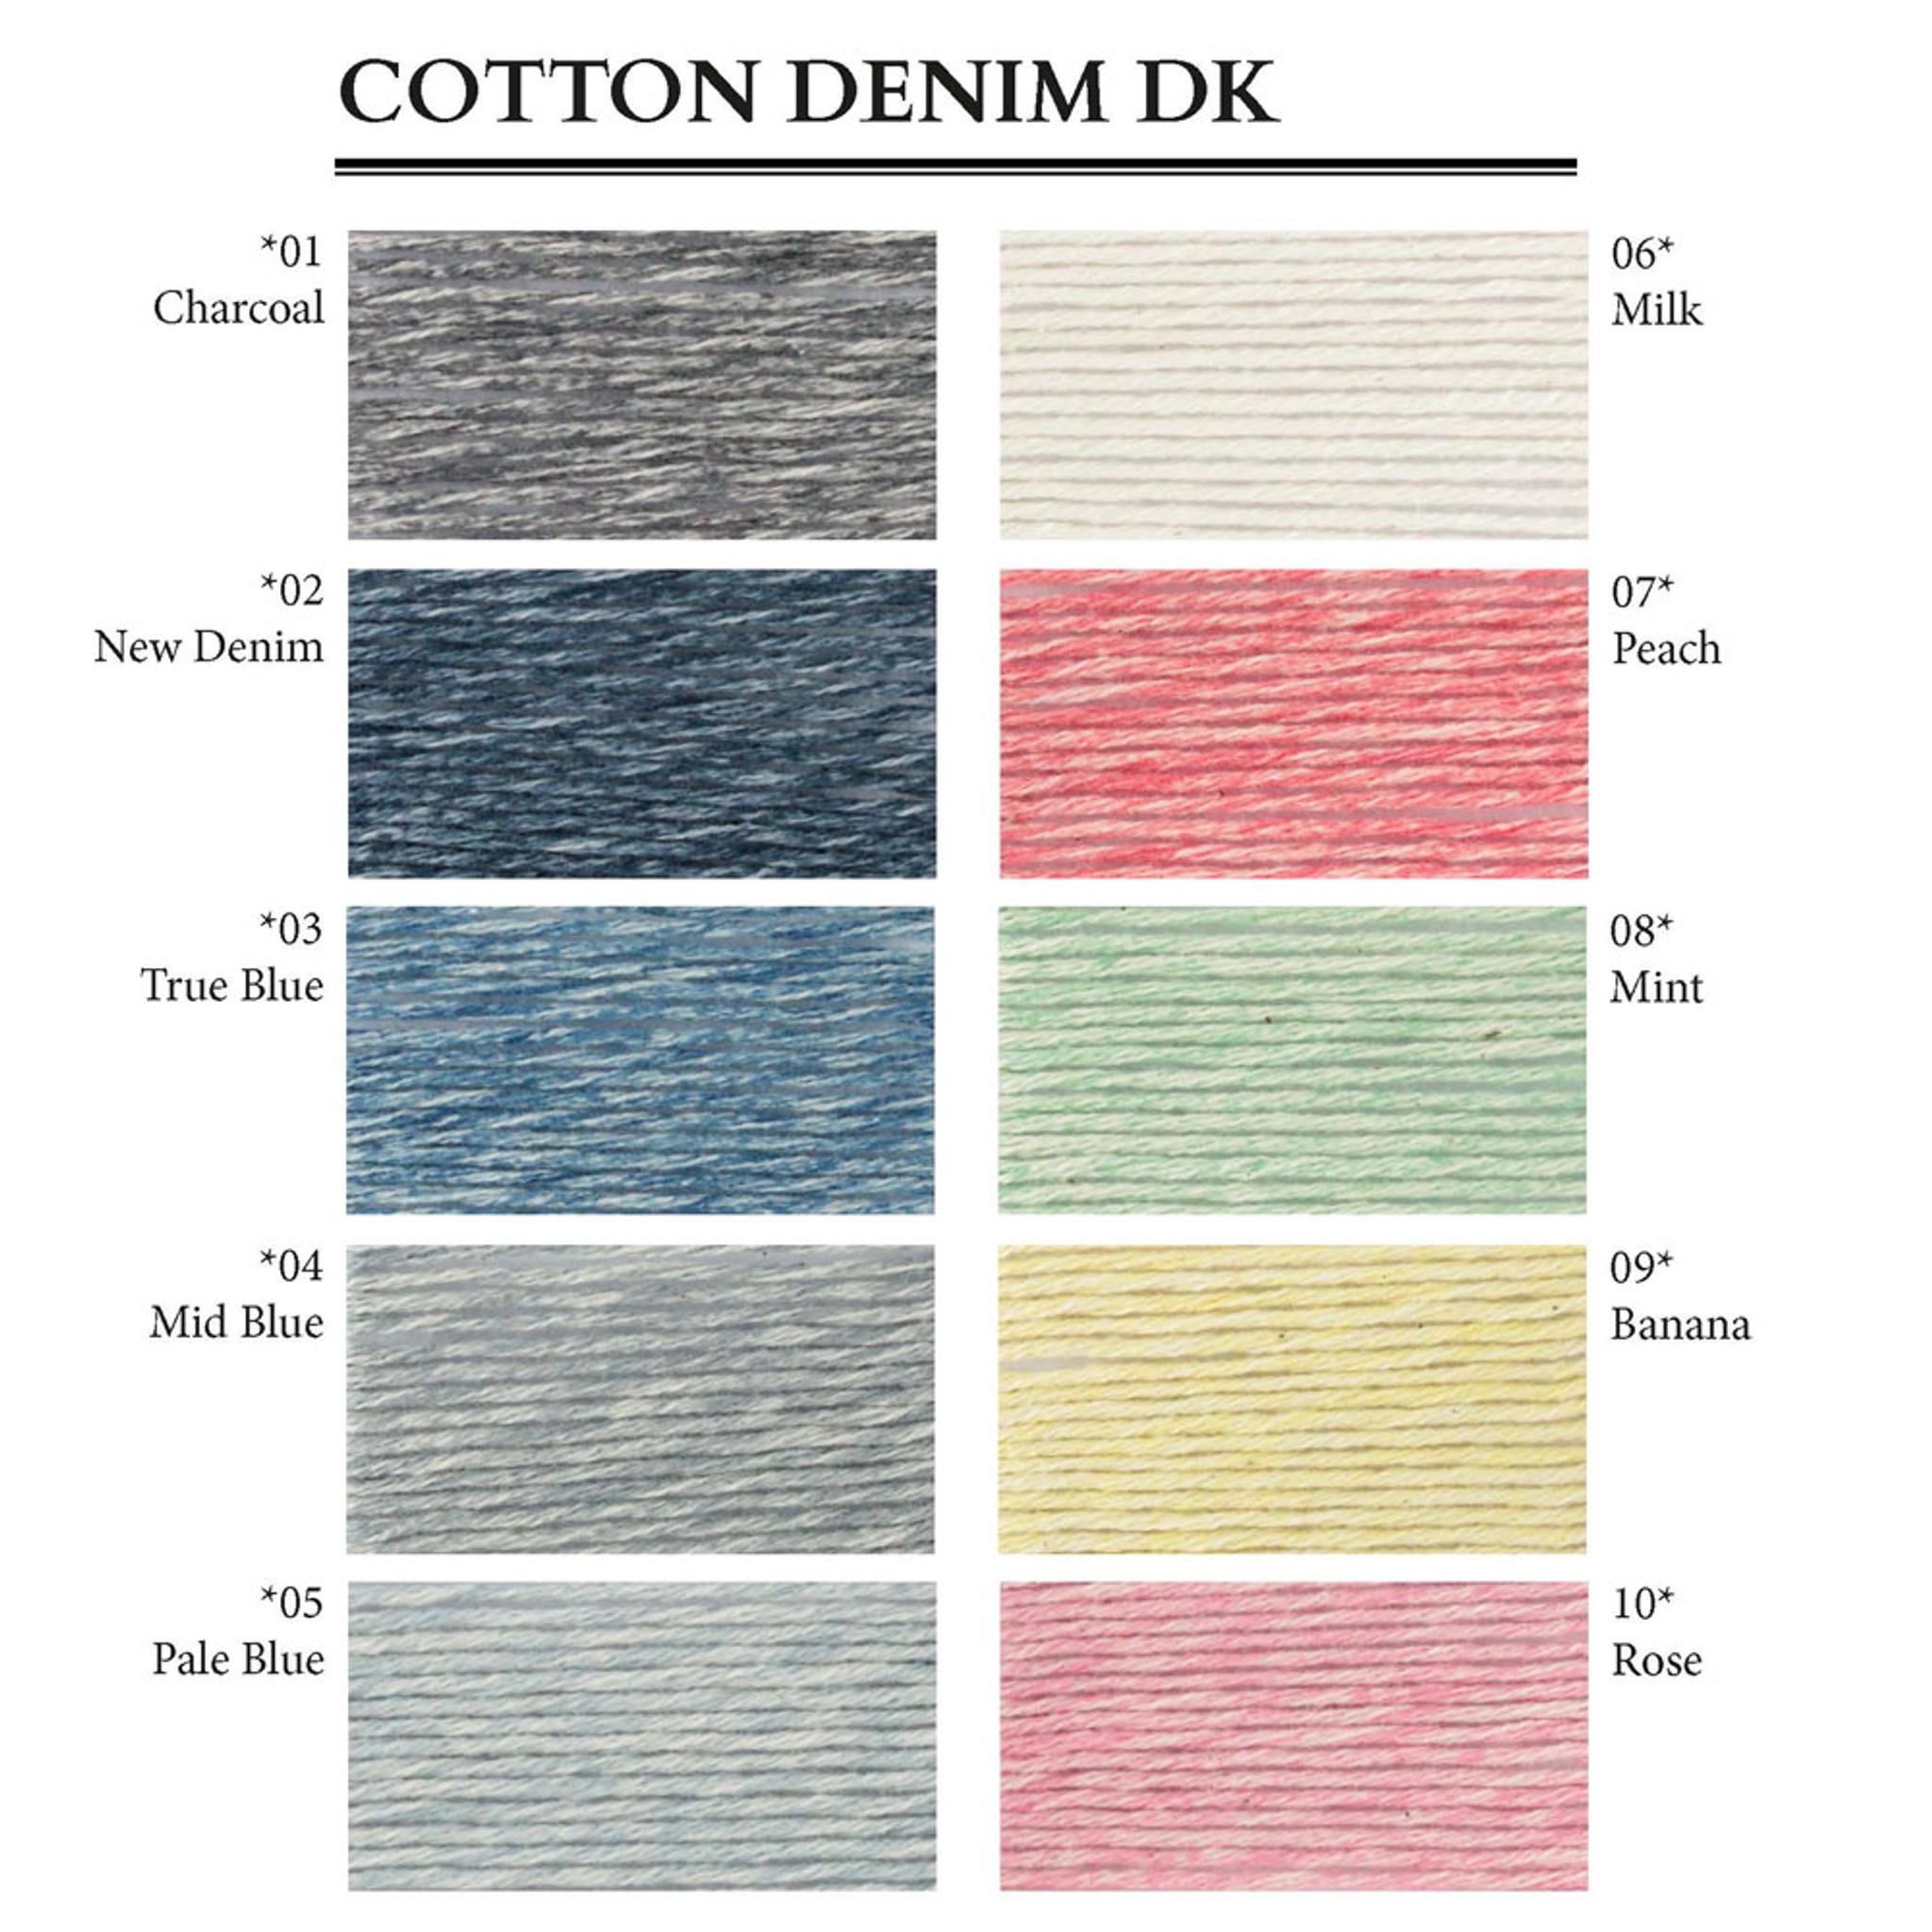 100g 100/% Cotton Debbie Bliss Cotton Denim DK